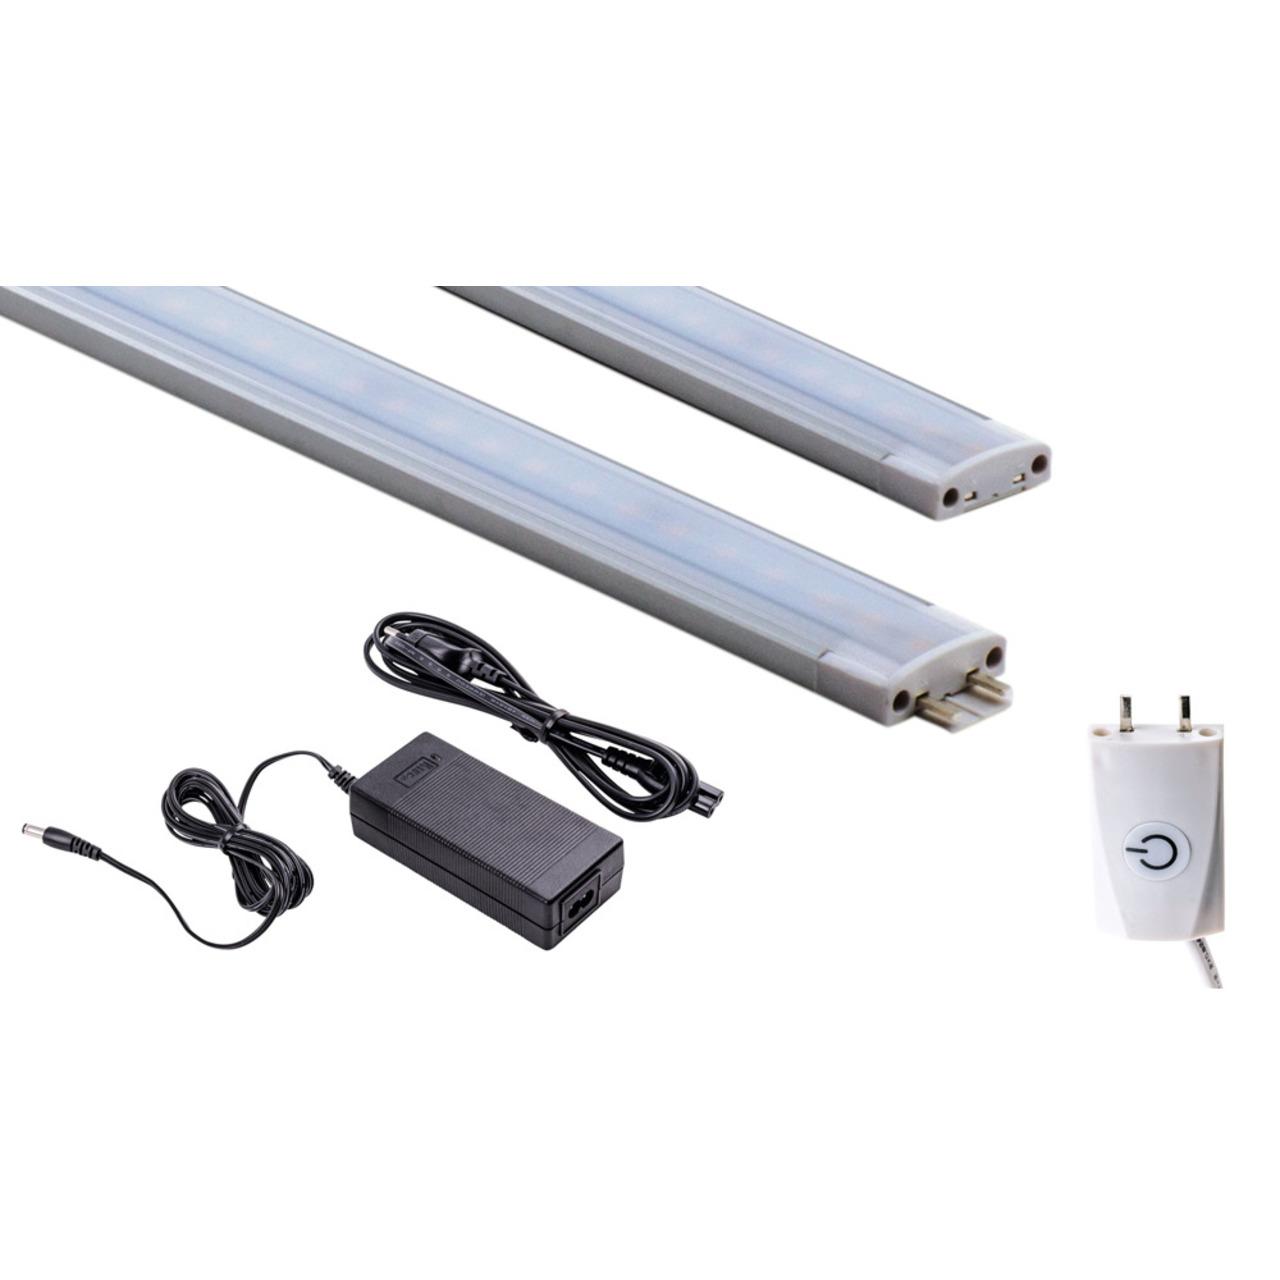 HEITRONIC Starterset 15-W-LED-Unterbauleuchte Mecano 1000 mm und 1-8 m Anschlussleitung